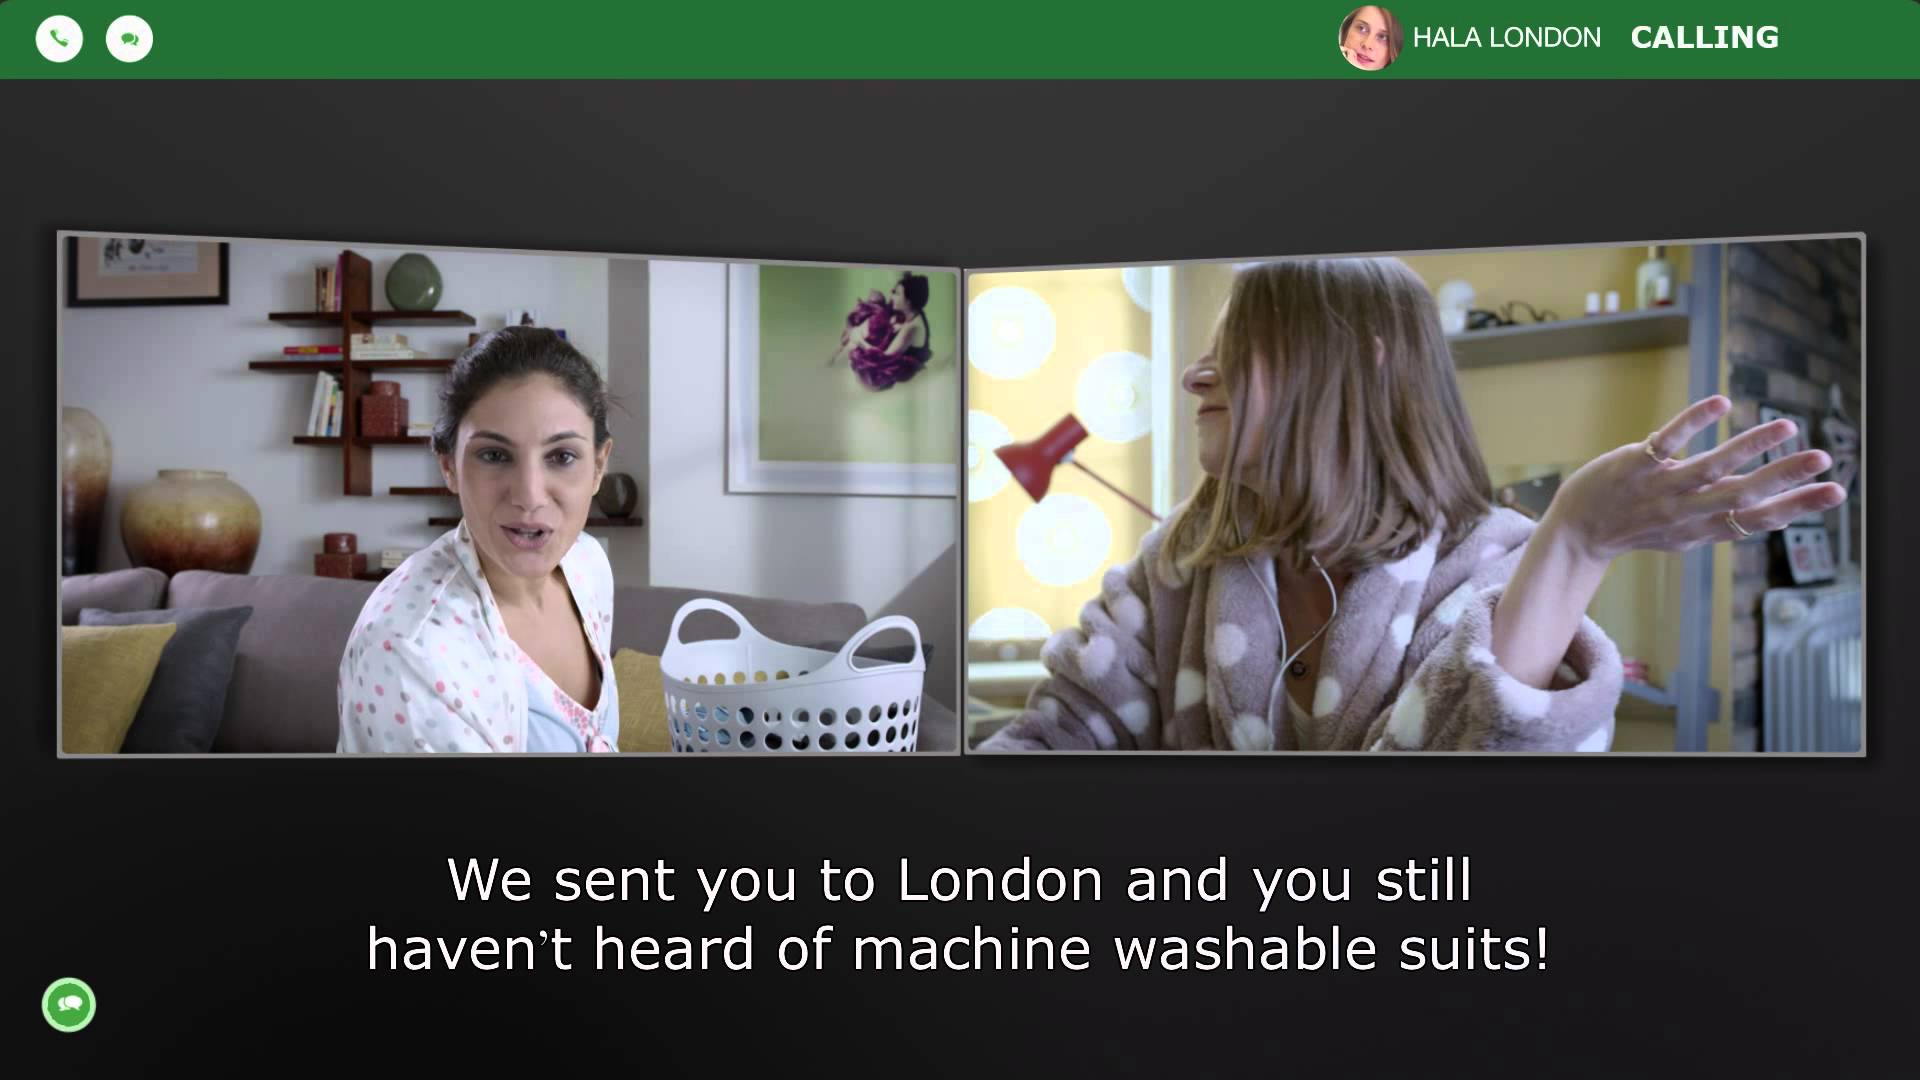 Marks & Spencer London calling